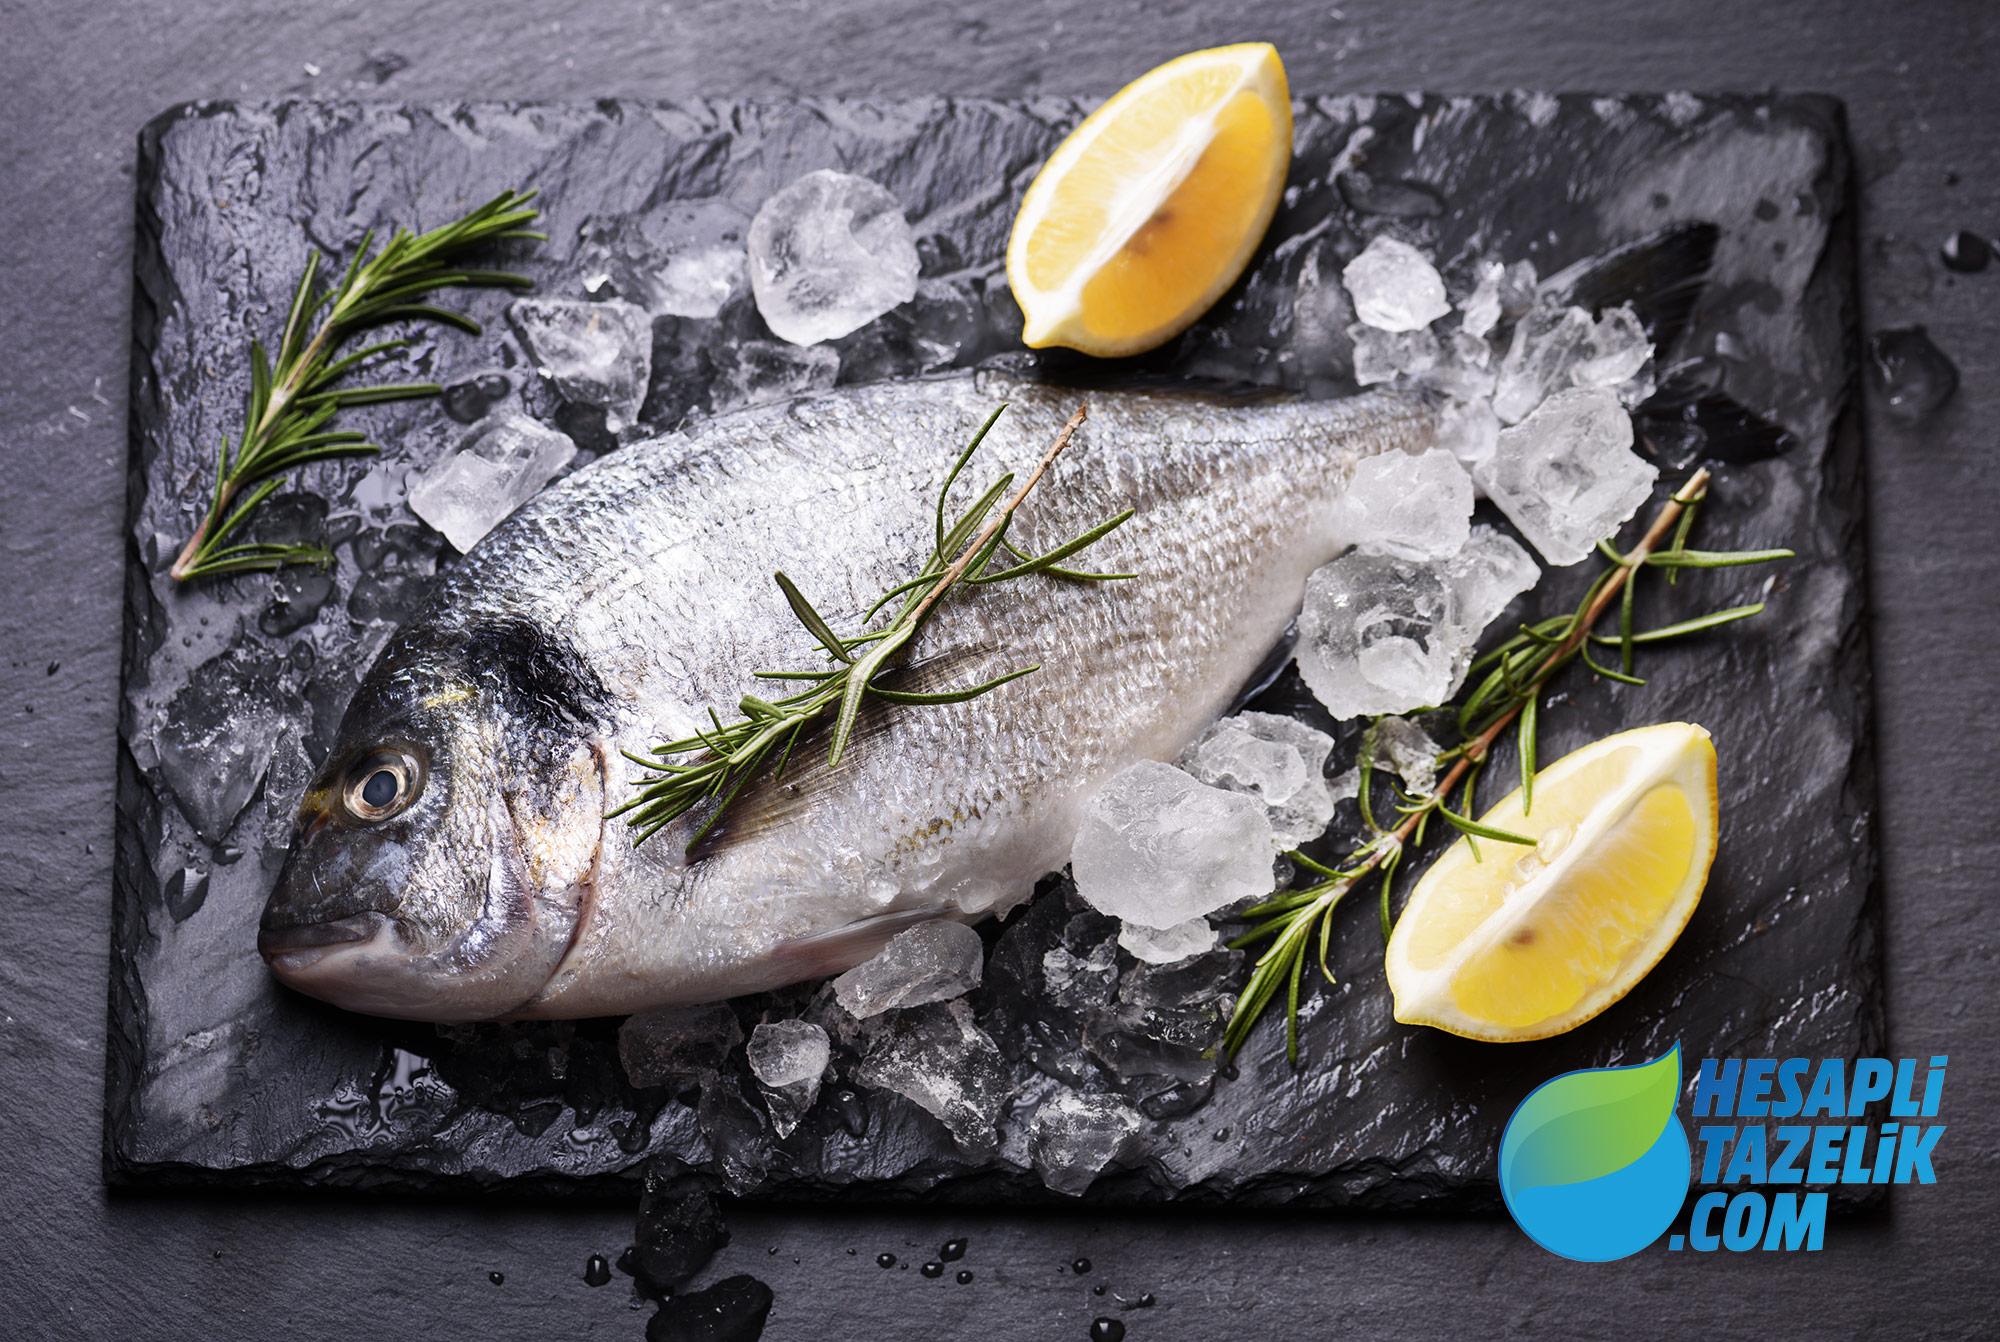 Pişmiş Balık Dolapta Kaç Gün Saklanır